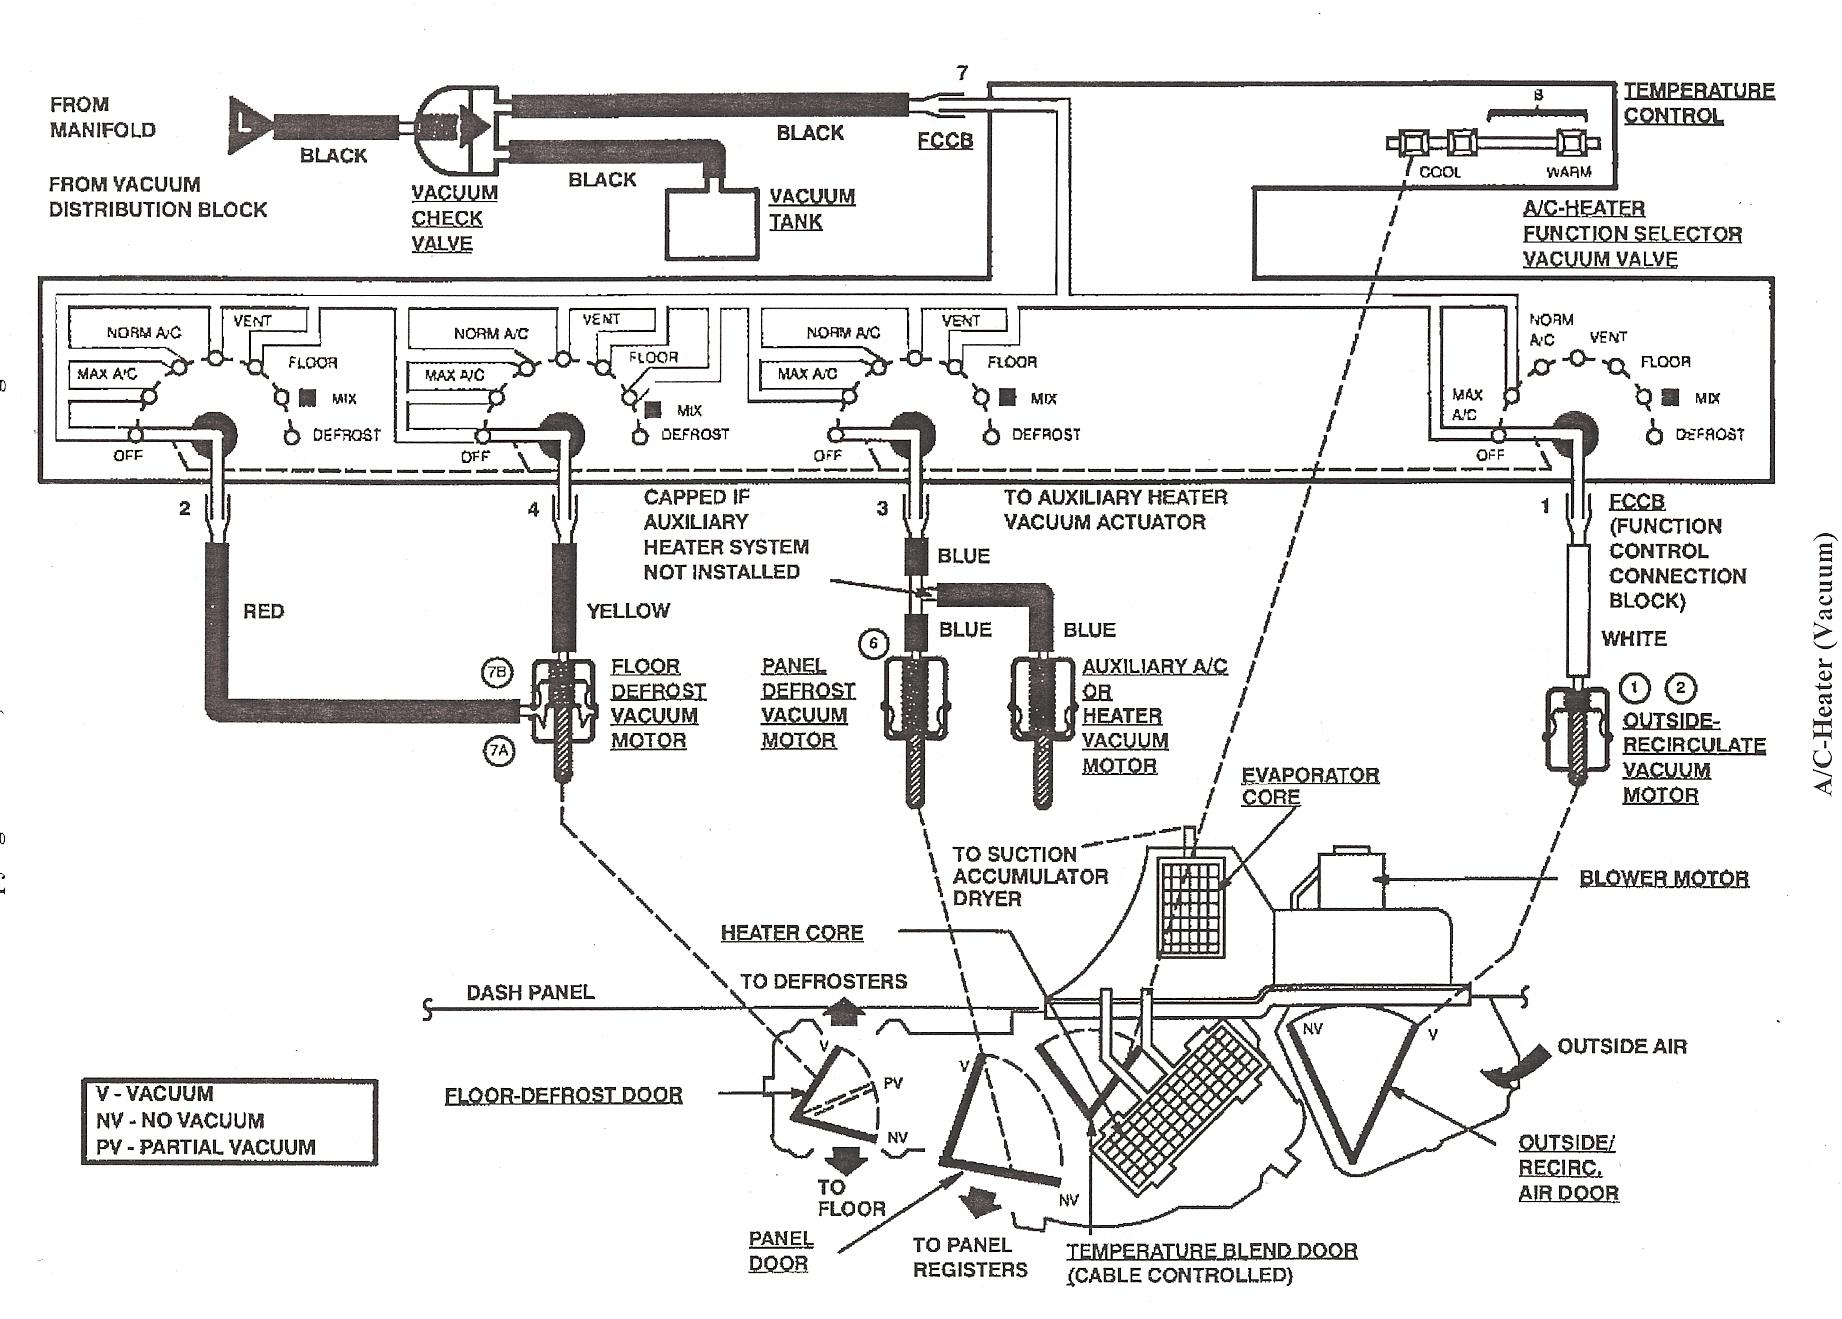 92 ford f 350 ac wiring diagram